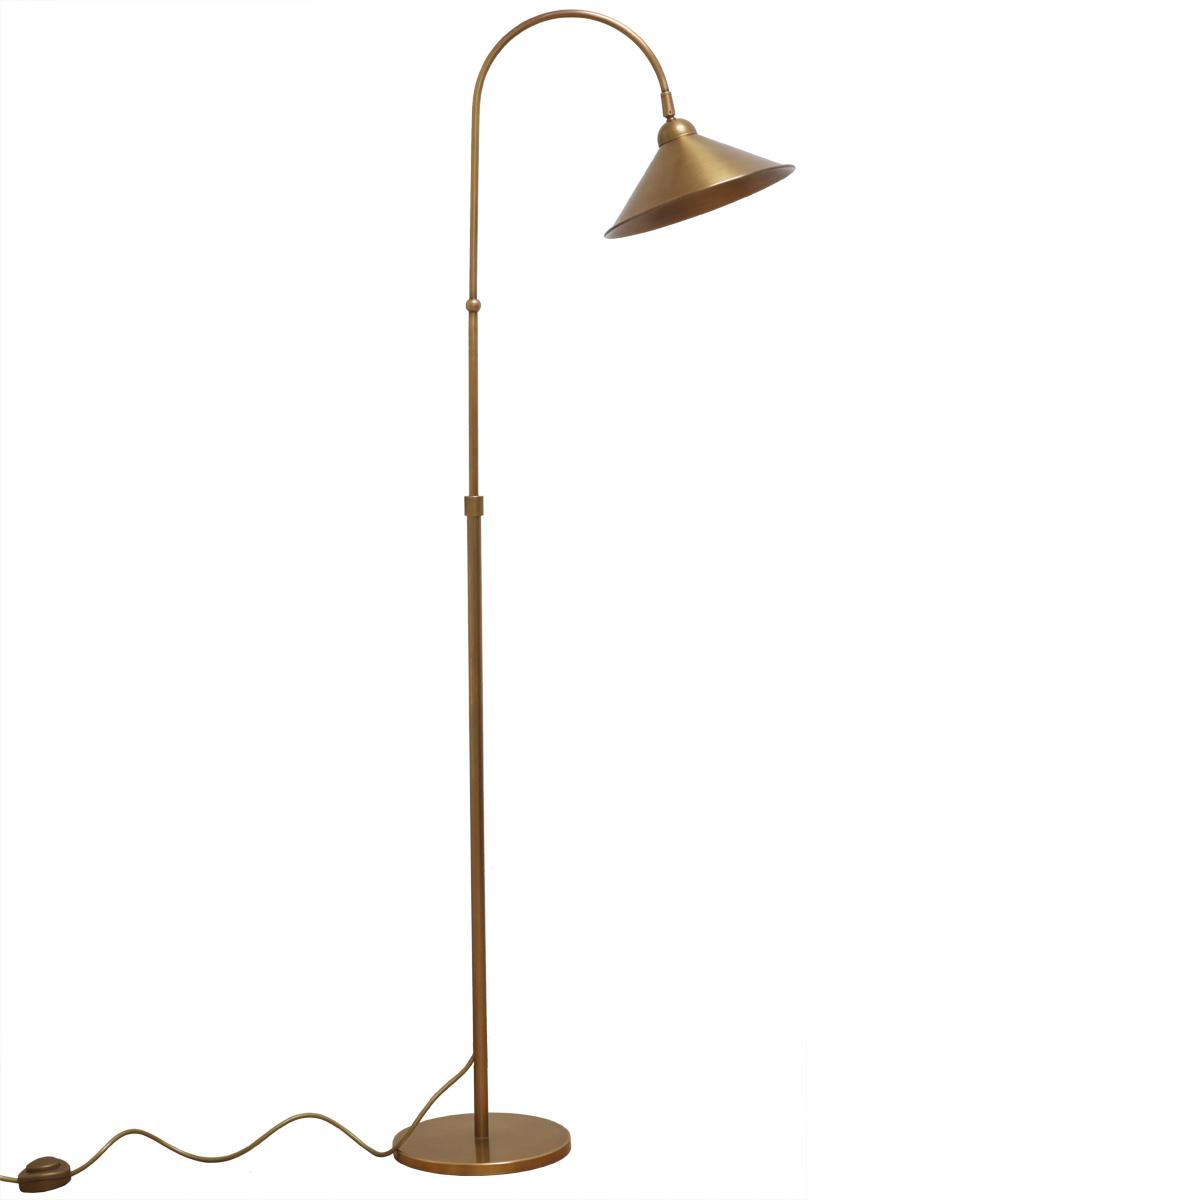 Bogen Stehlampe Messing